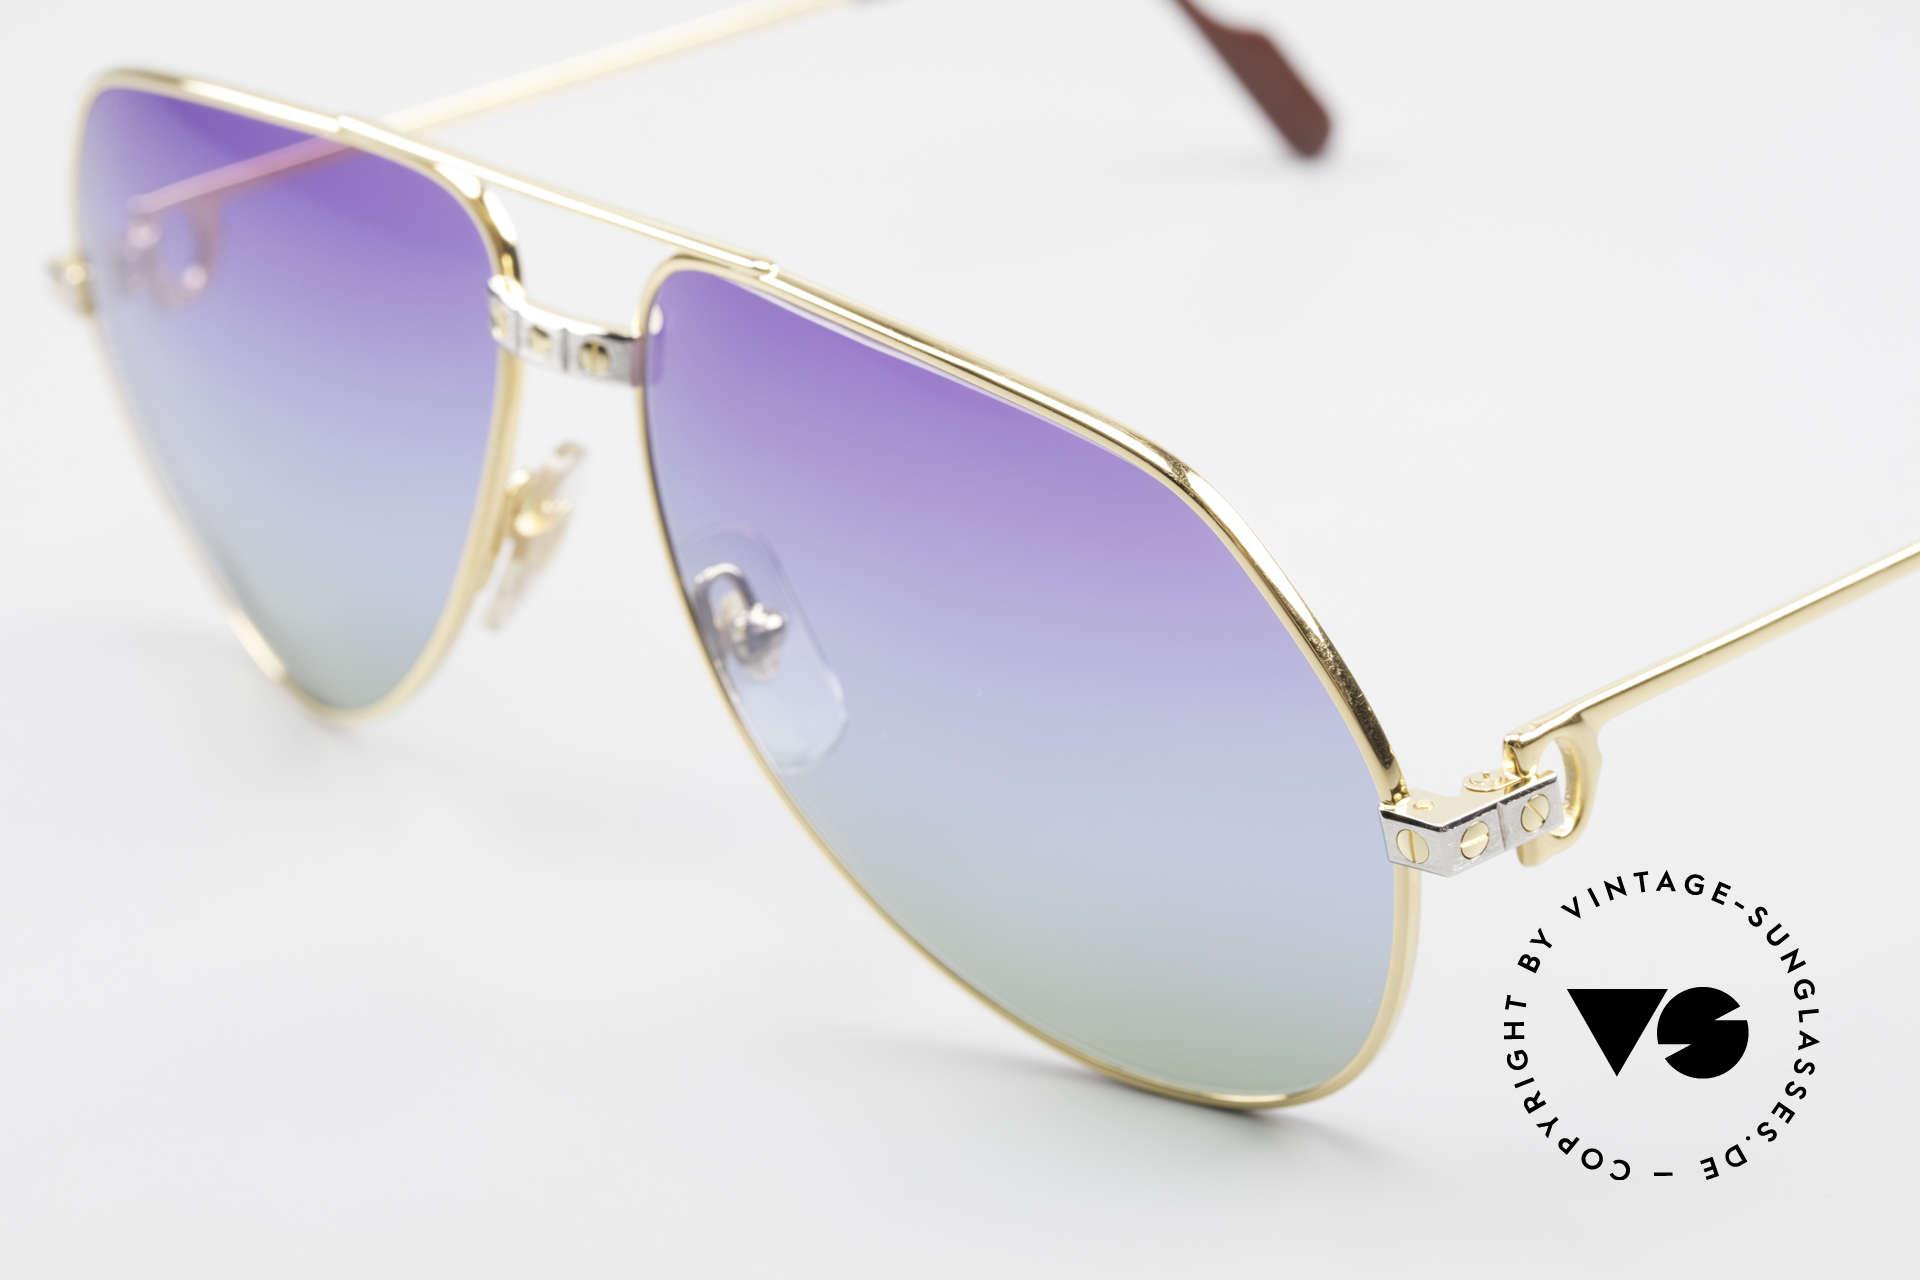 Cartier Vendome Santos - L Einzelstück Polarlicht Violett, Sonnengläser mit 3fach-Verlauf; wie Purpur Polarlichter, Passend für Herren